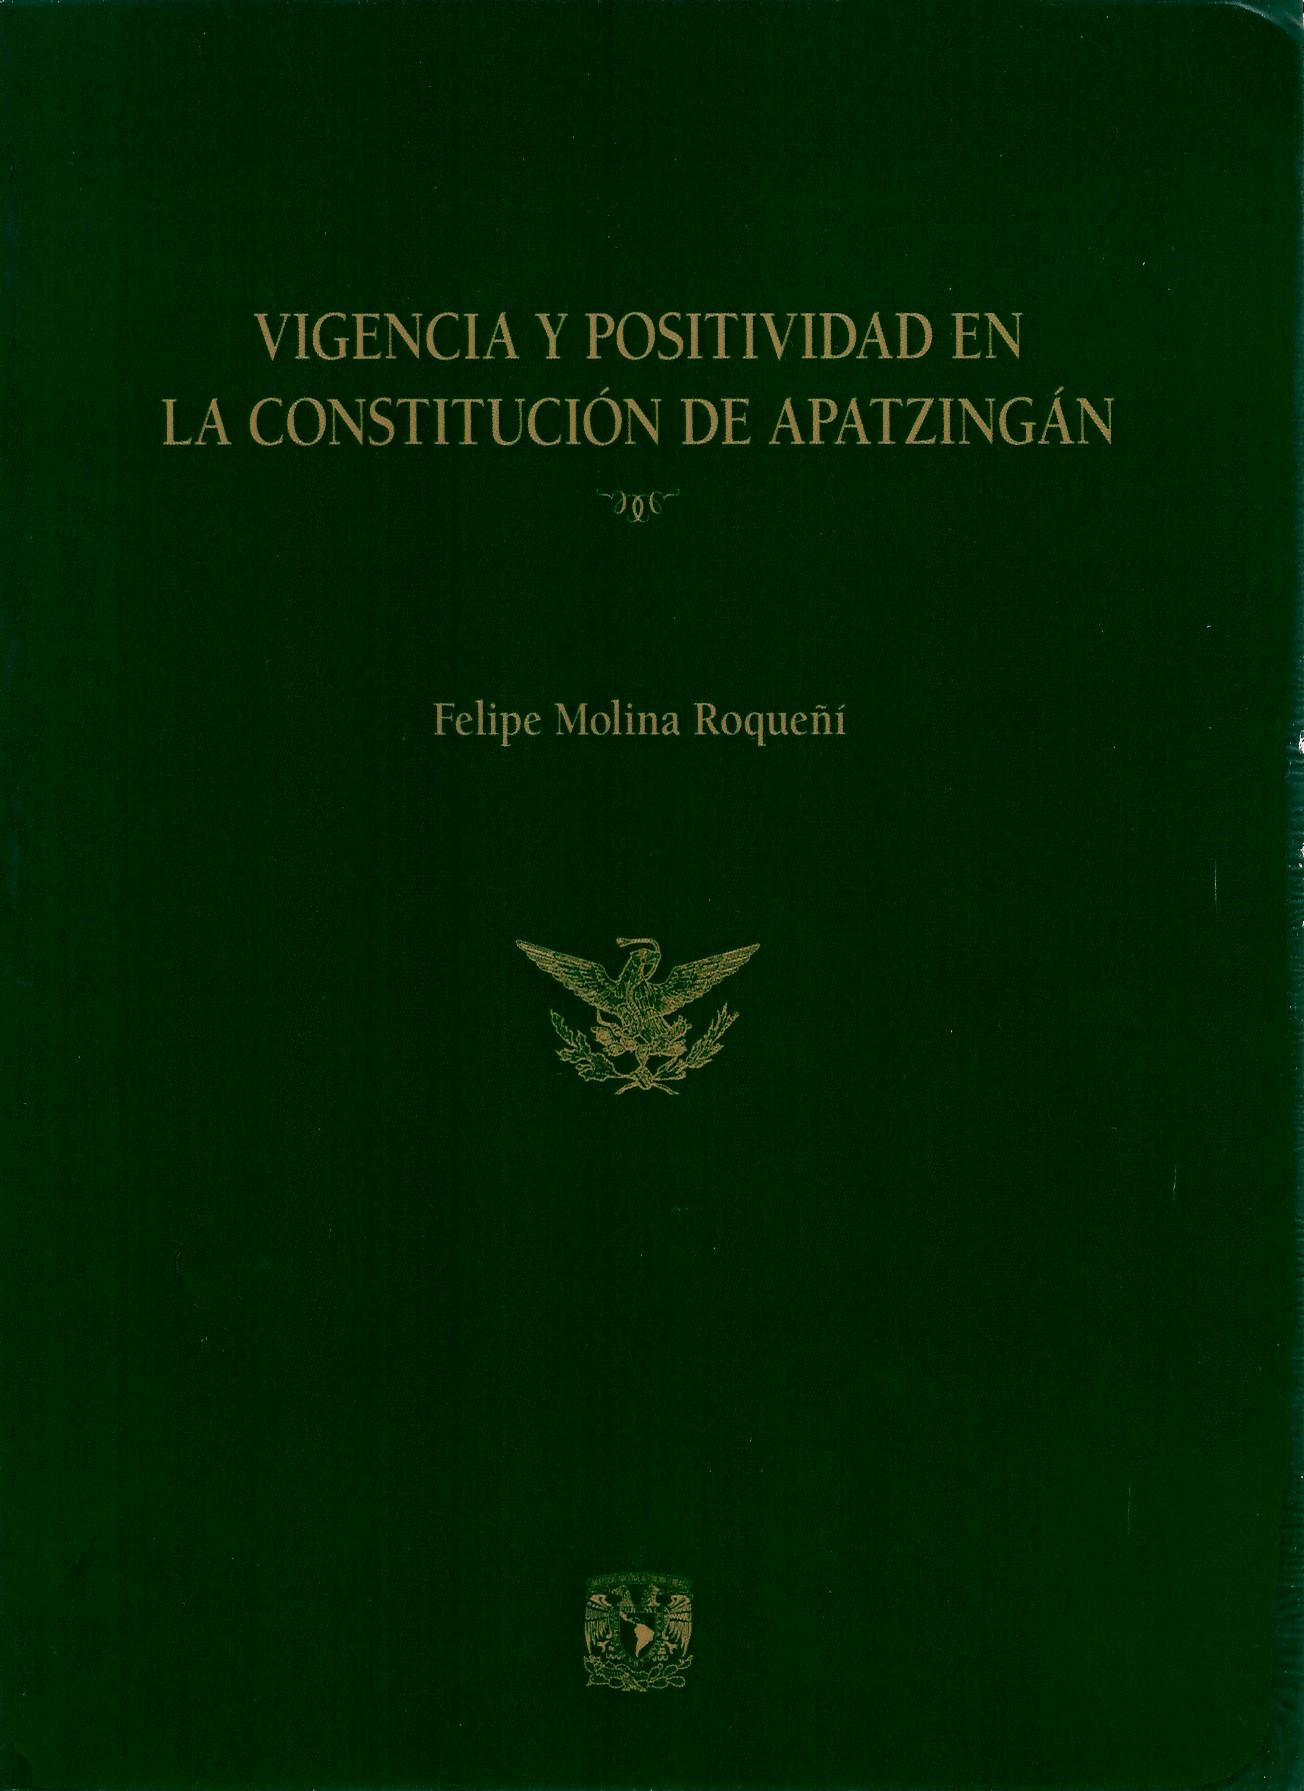 Vigencia y positividad de la Constitución de Apatzingán